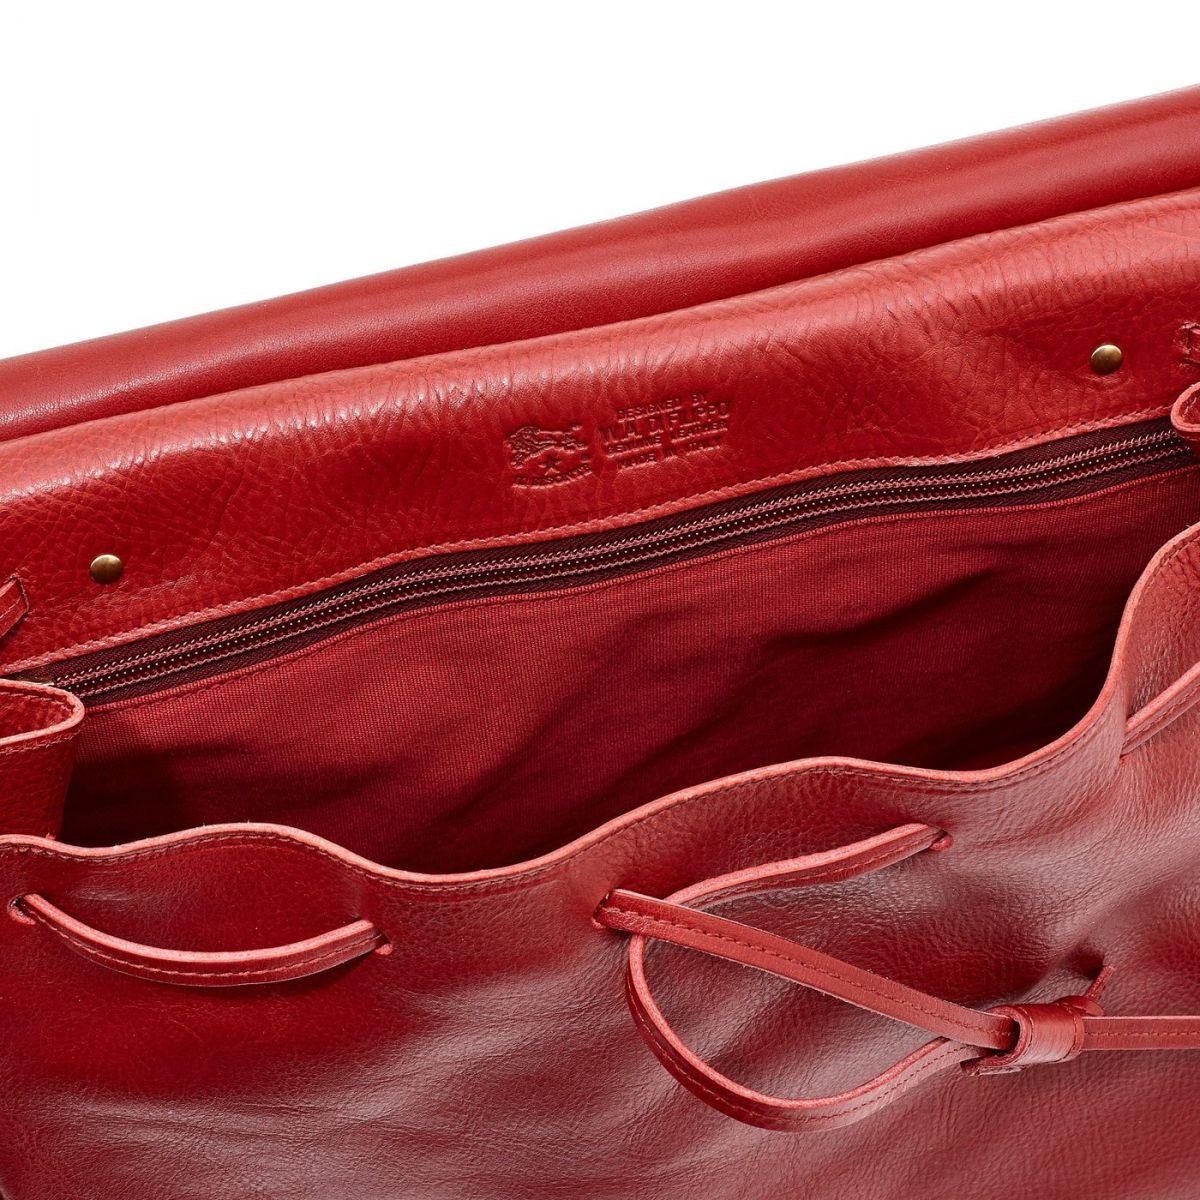 Sac A Main pour Femme Tornabuoni en Cuir De Vachette Doublé BTH051 couleur Rouge | Details